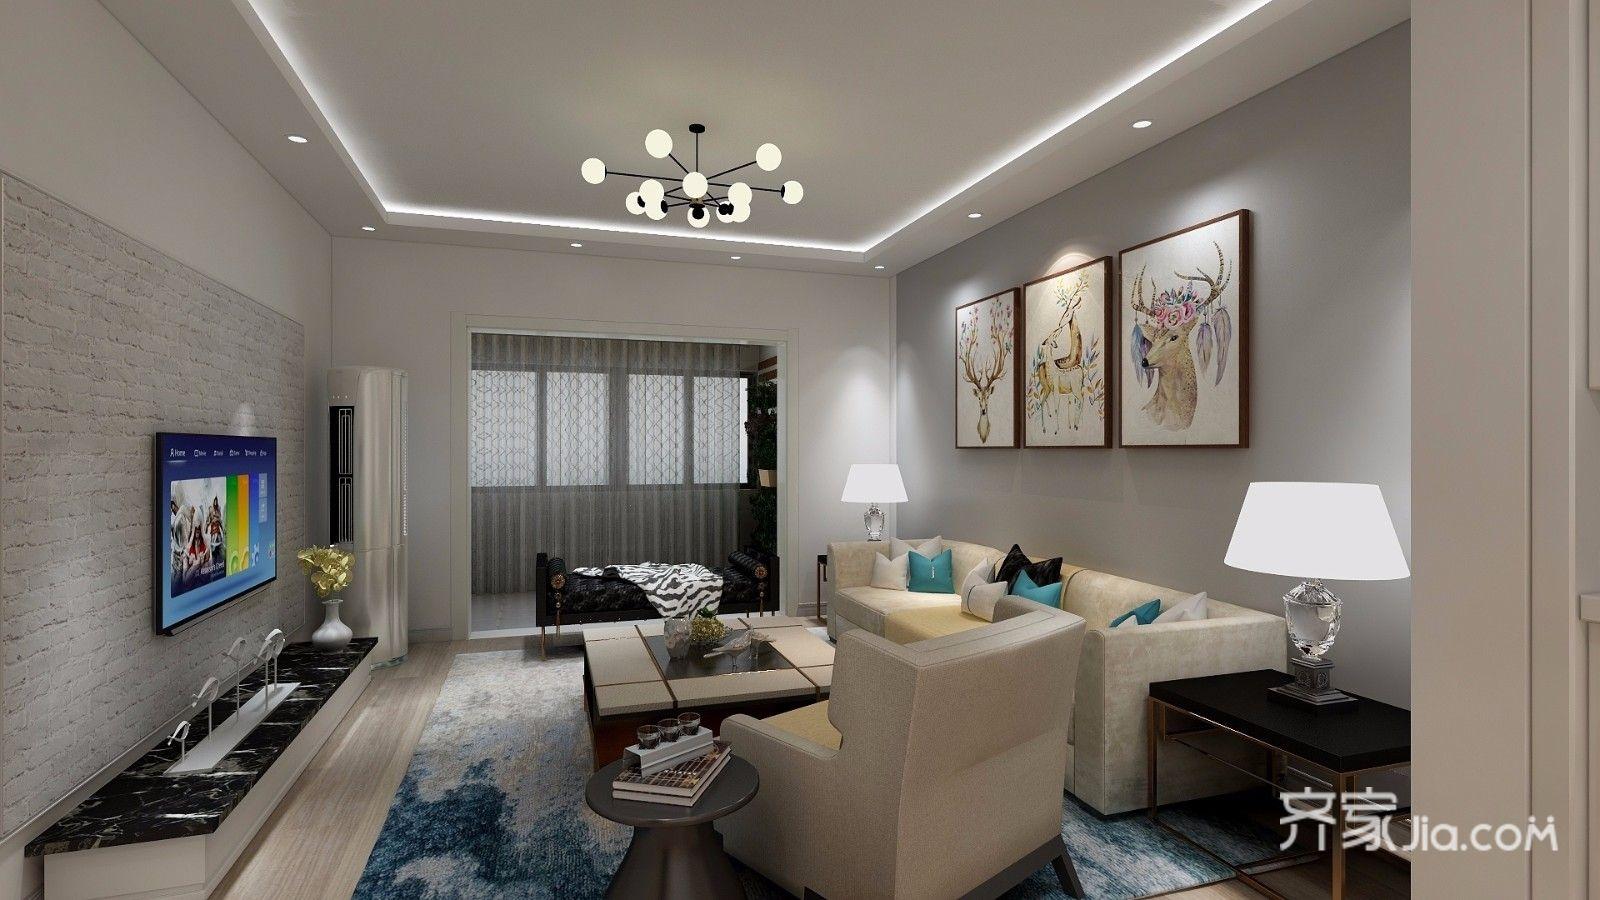 北京室内装修设计公司推荐 值得信赖的4家装潢公司_齐家网